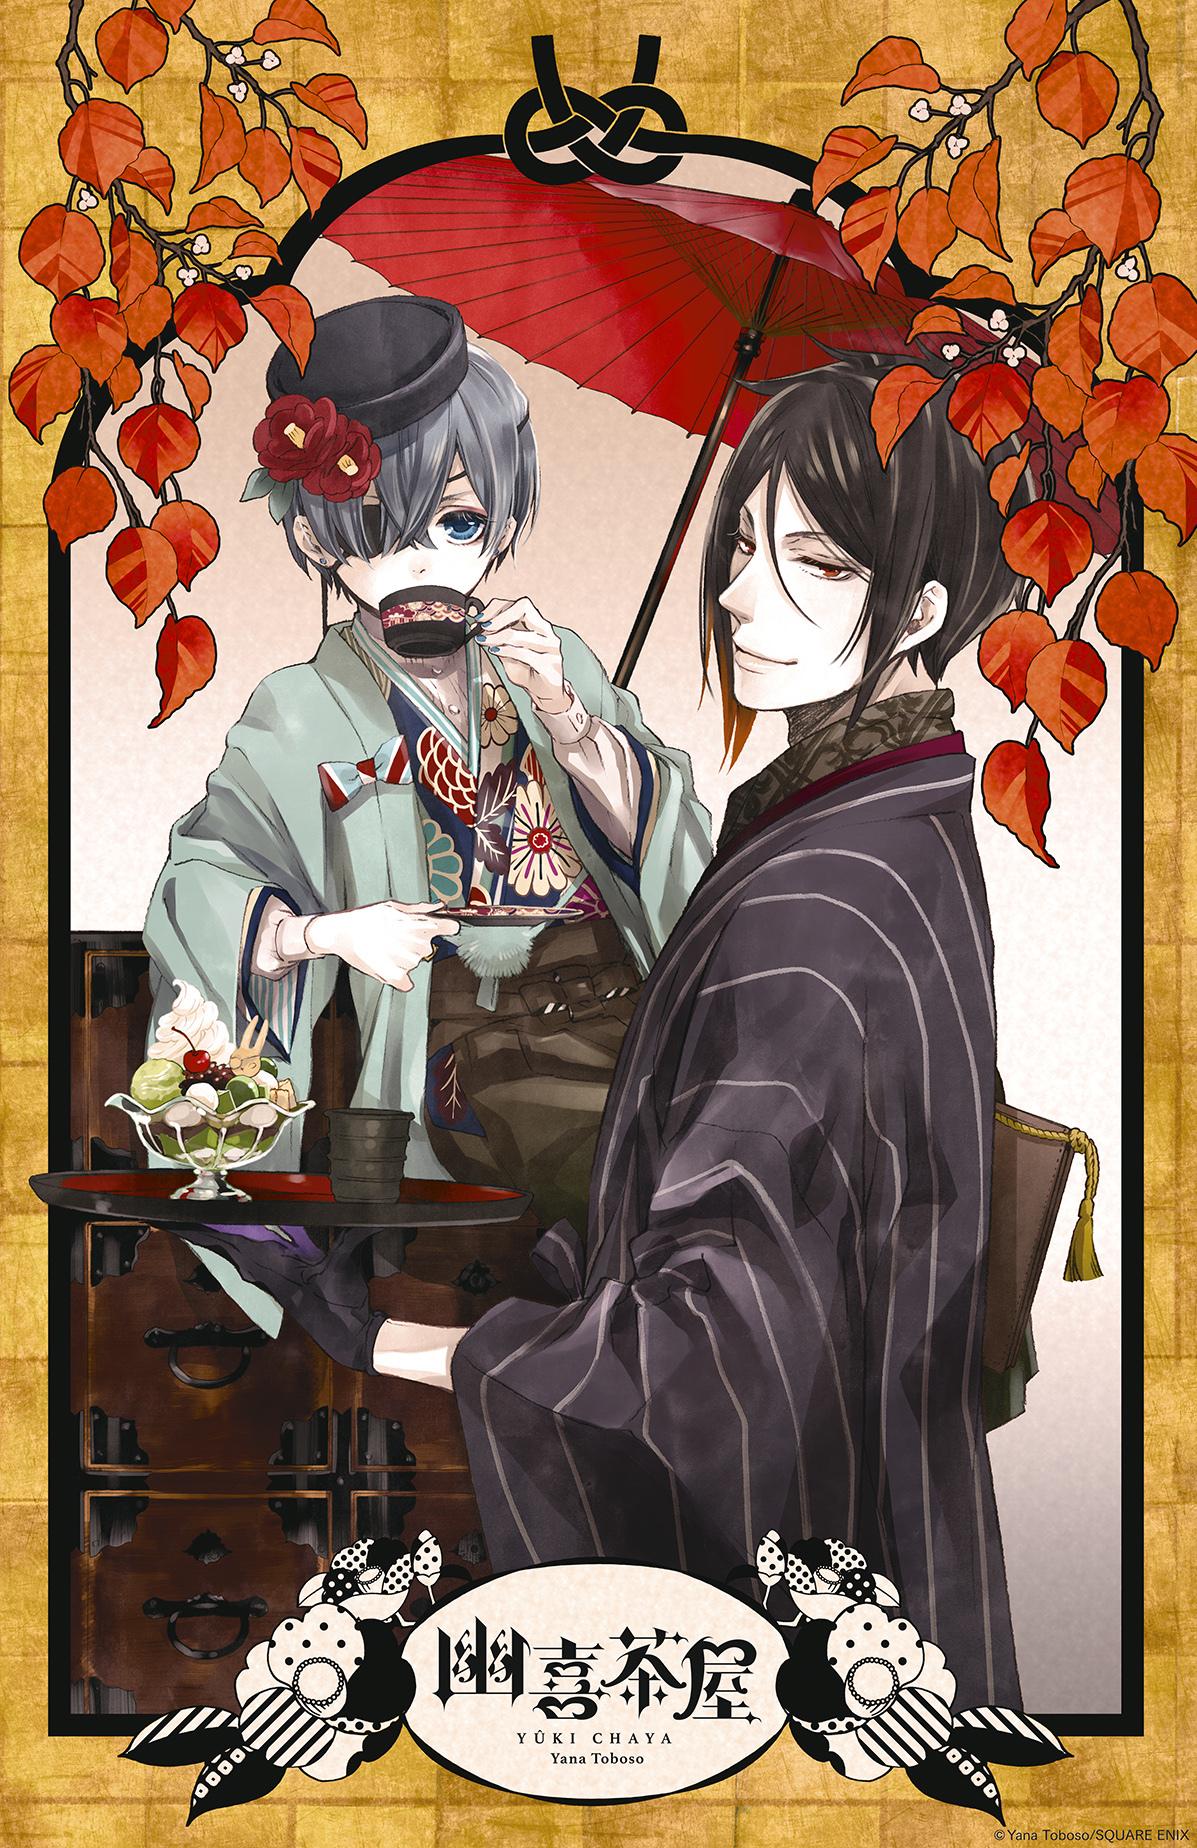 『黒執事』のキャラカフェ『幽喜茶屋(ユウキヂャヤ)』 (c)Yana Toboso/SQUARE ENIX